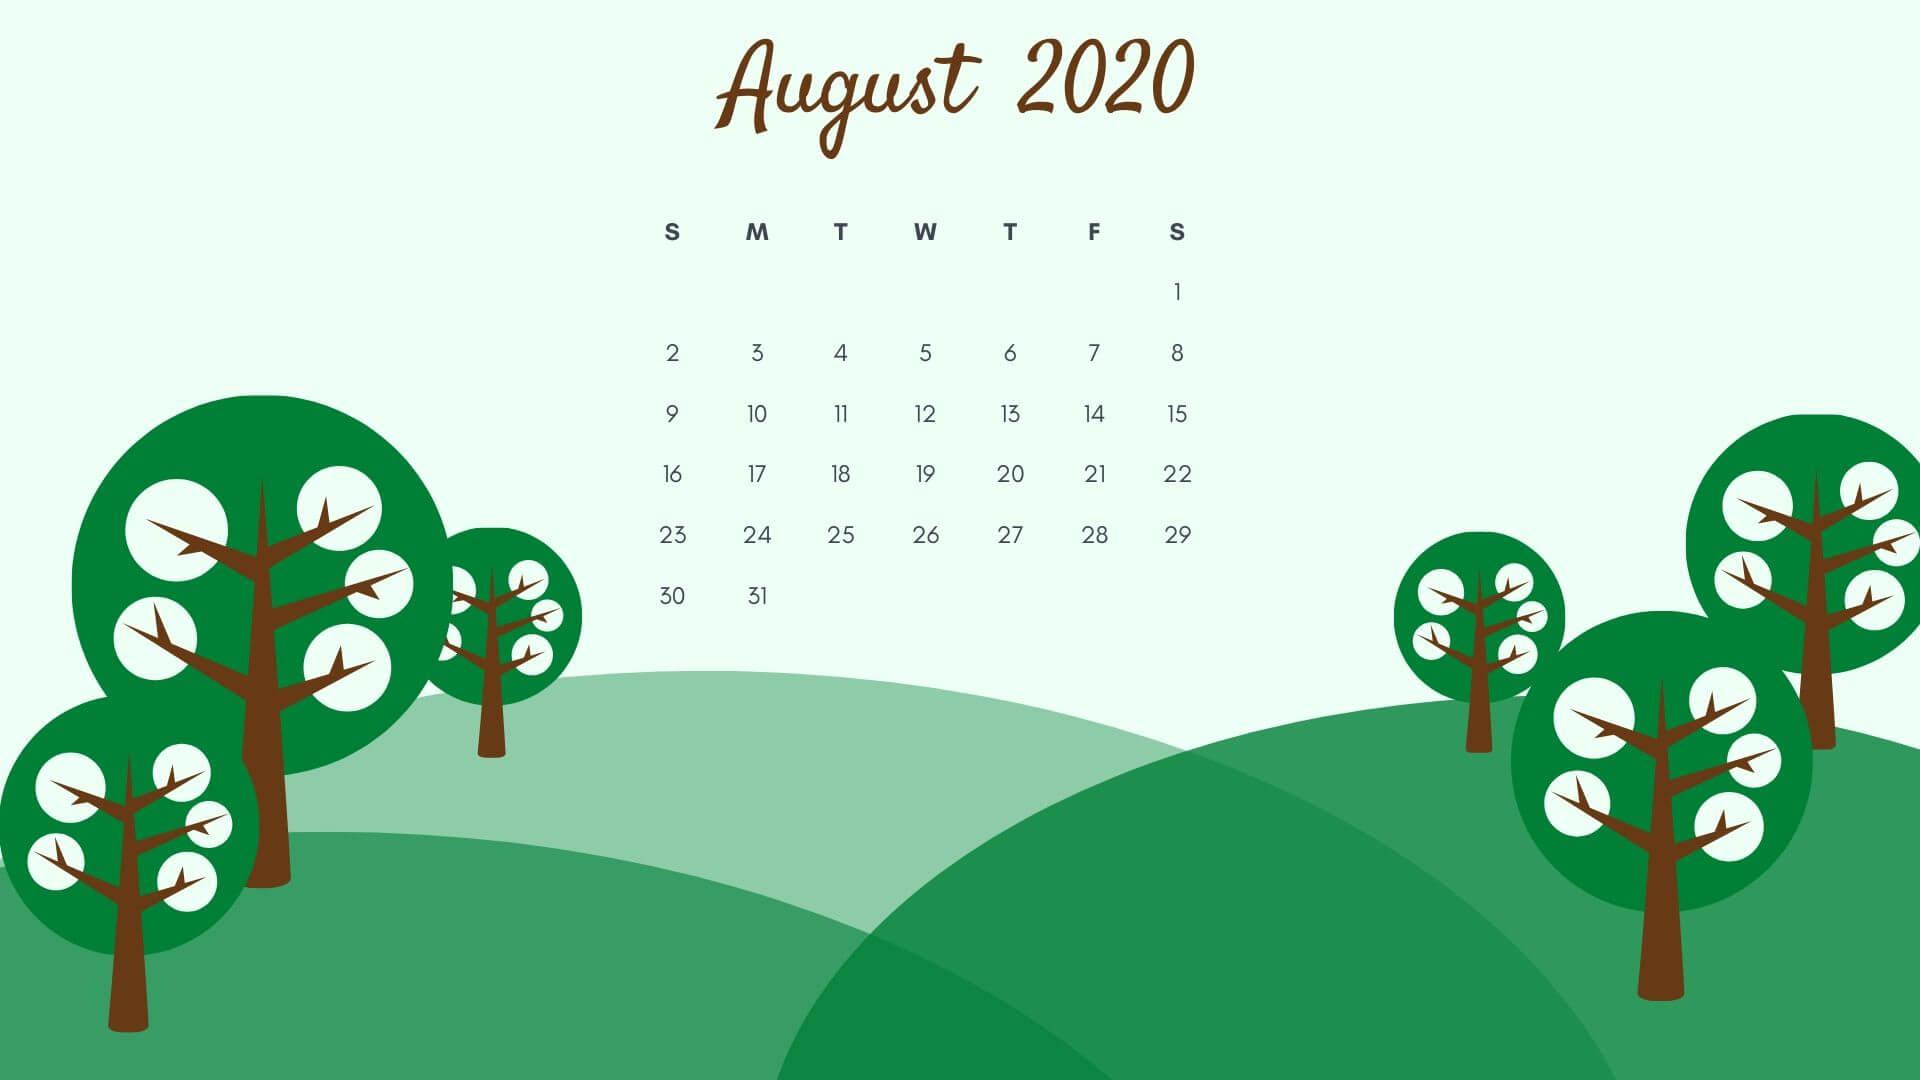 August 2020 Cute Desktop Wallpaper